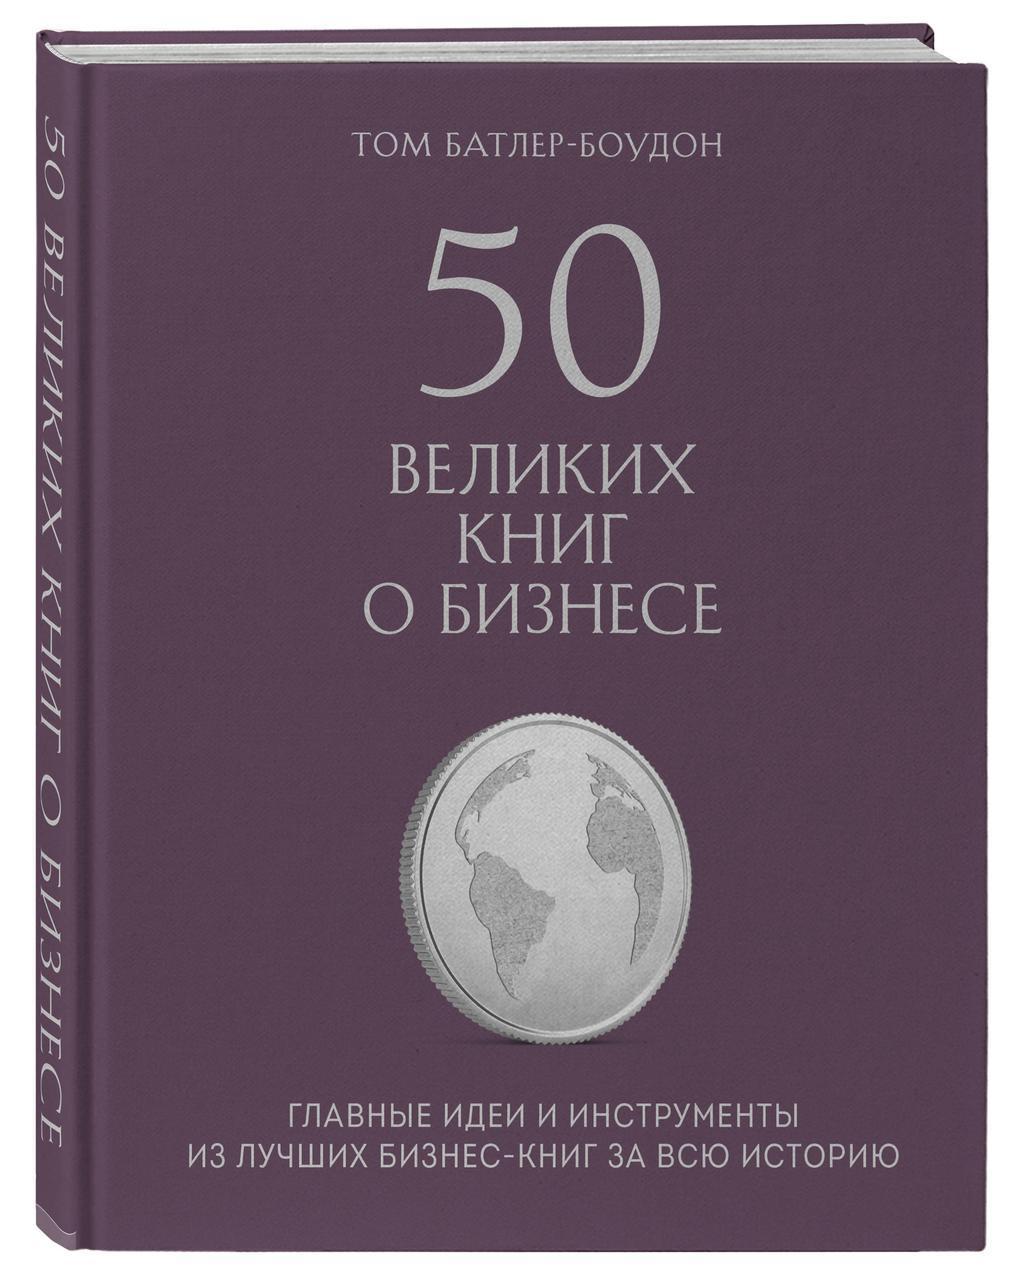 """Том Батлер-Боудон """"50 великих книг о бизнесе"""" (подарочное издание)"""